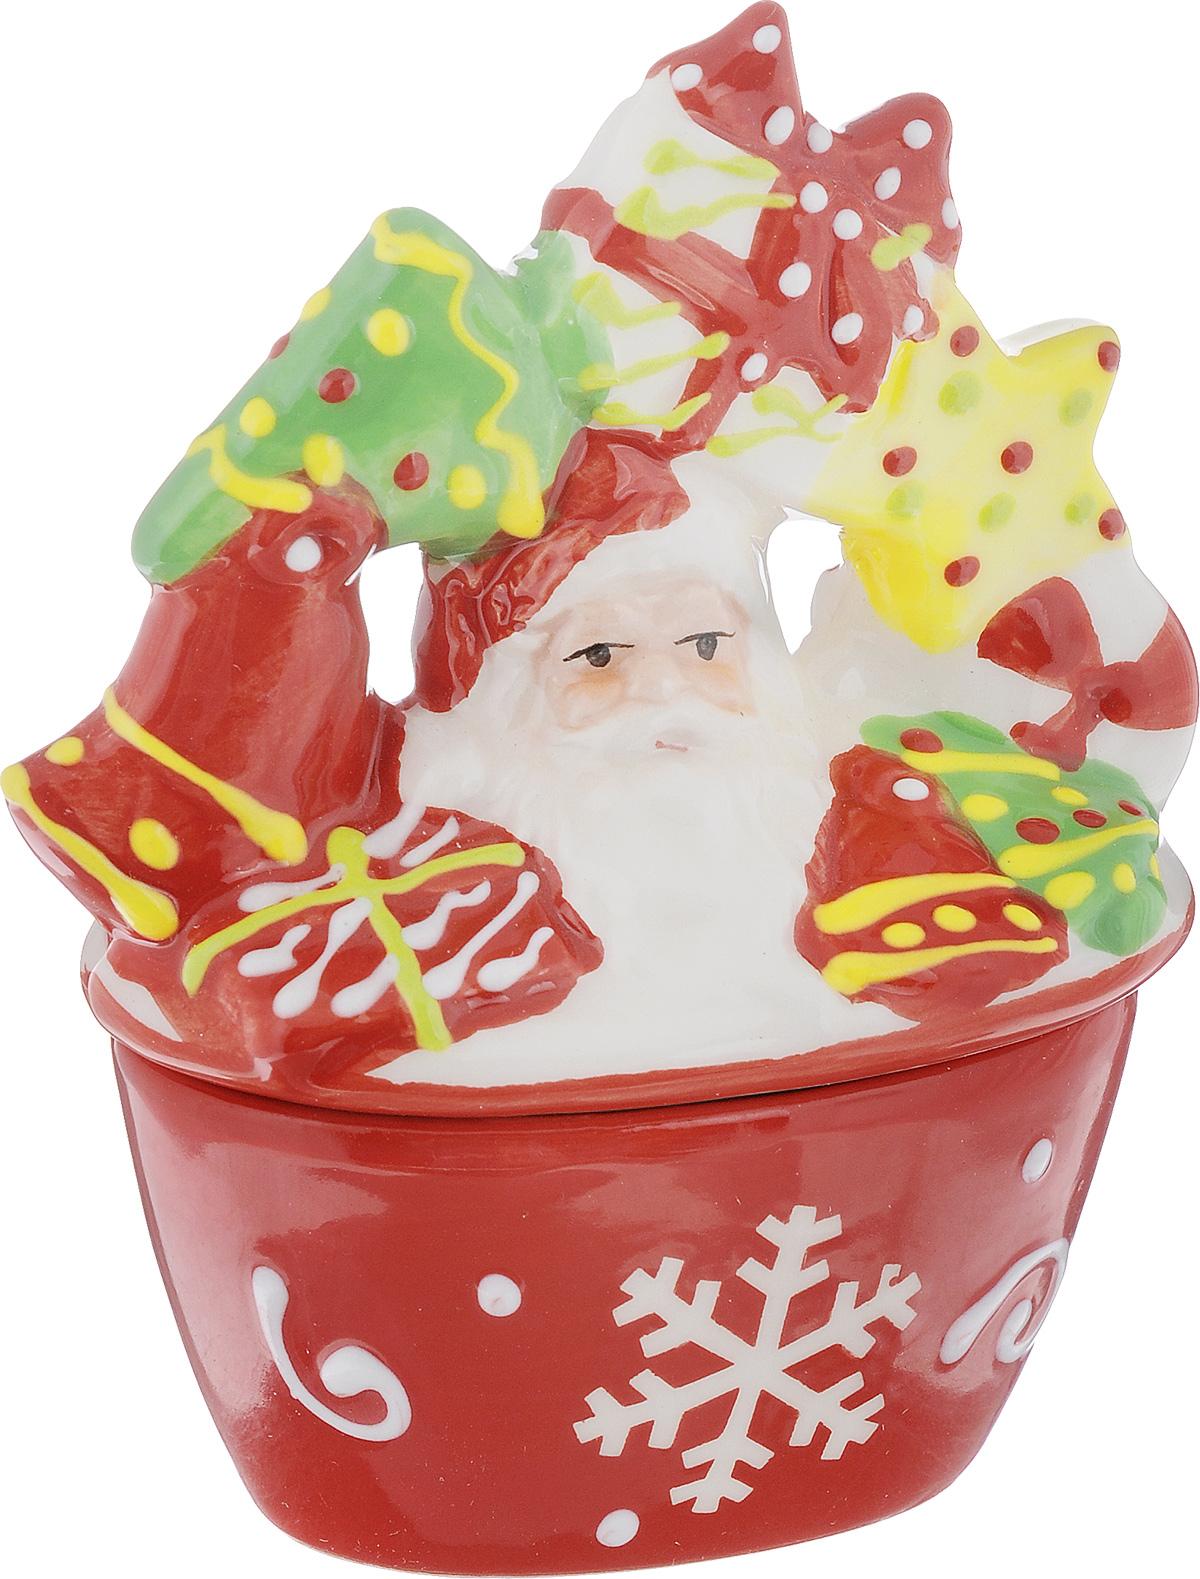 Конфетница House & Holder, с крышкой, 9 х 5 х 11 смYM116017-4Конфетница House & Holder выполнена из высококачественной керамики, оснащена крышкой с изображение Деда Мороза с подарками. Изделие оформлено в новогоднем стиле. Конфетница оригинально украсит ваш стол и подчеркнет изысканный вкус хозяйки. Размер конфетницы (без учета крышки): 7,3 х 4,7 х 4 см. Размер конфетницы (с учетом крышки): 19,5 х 14 х 20,5 см.